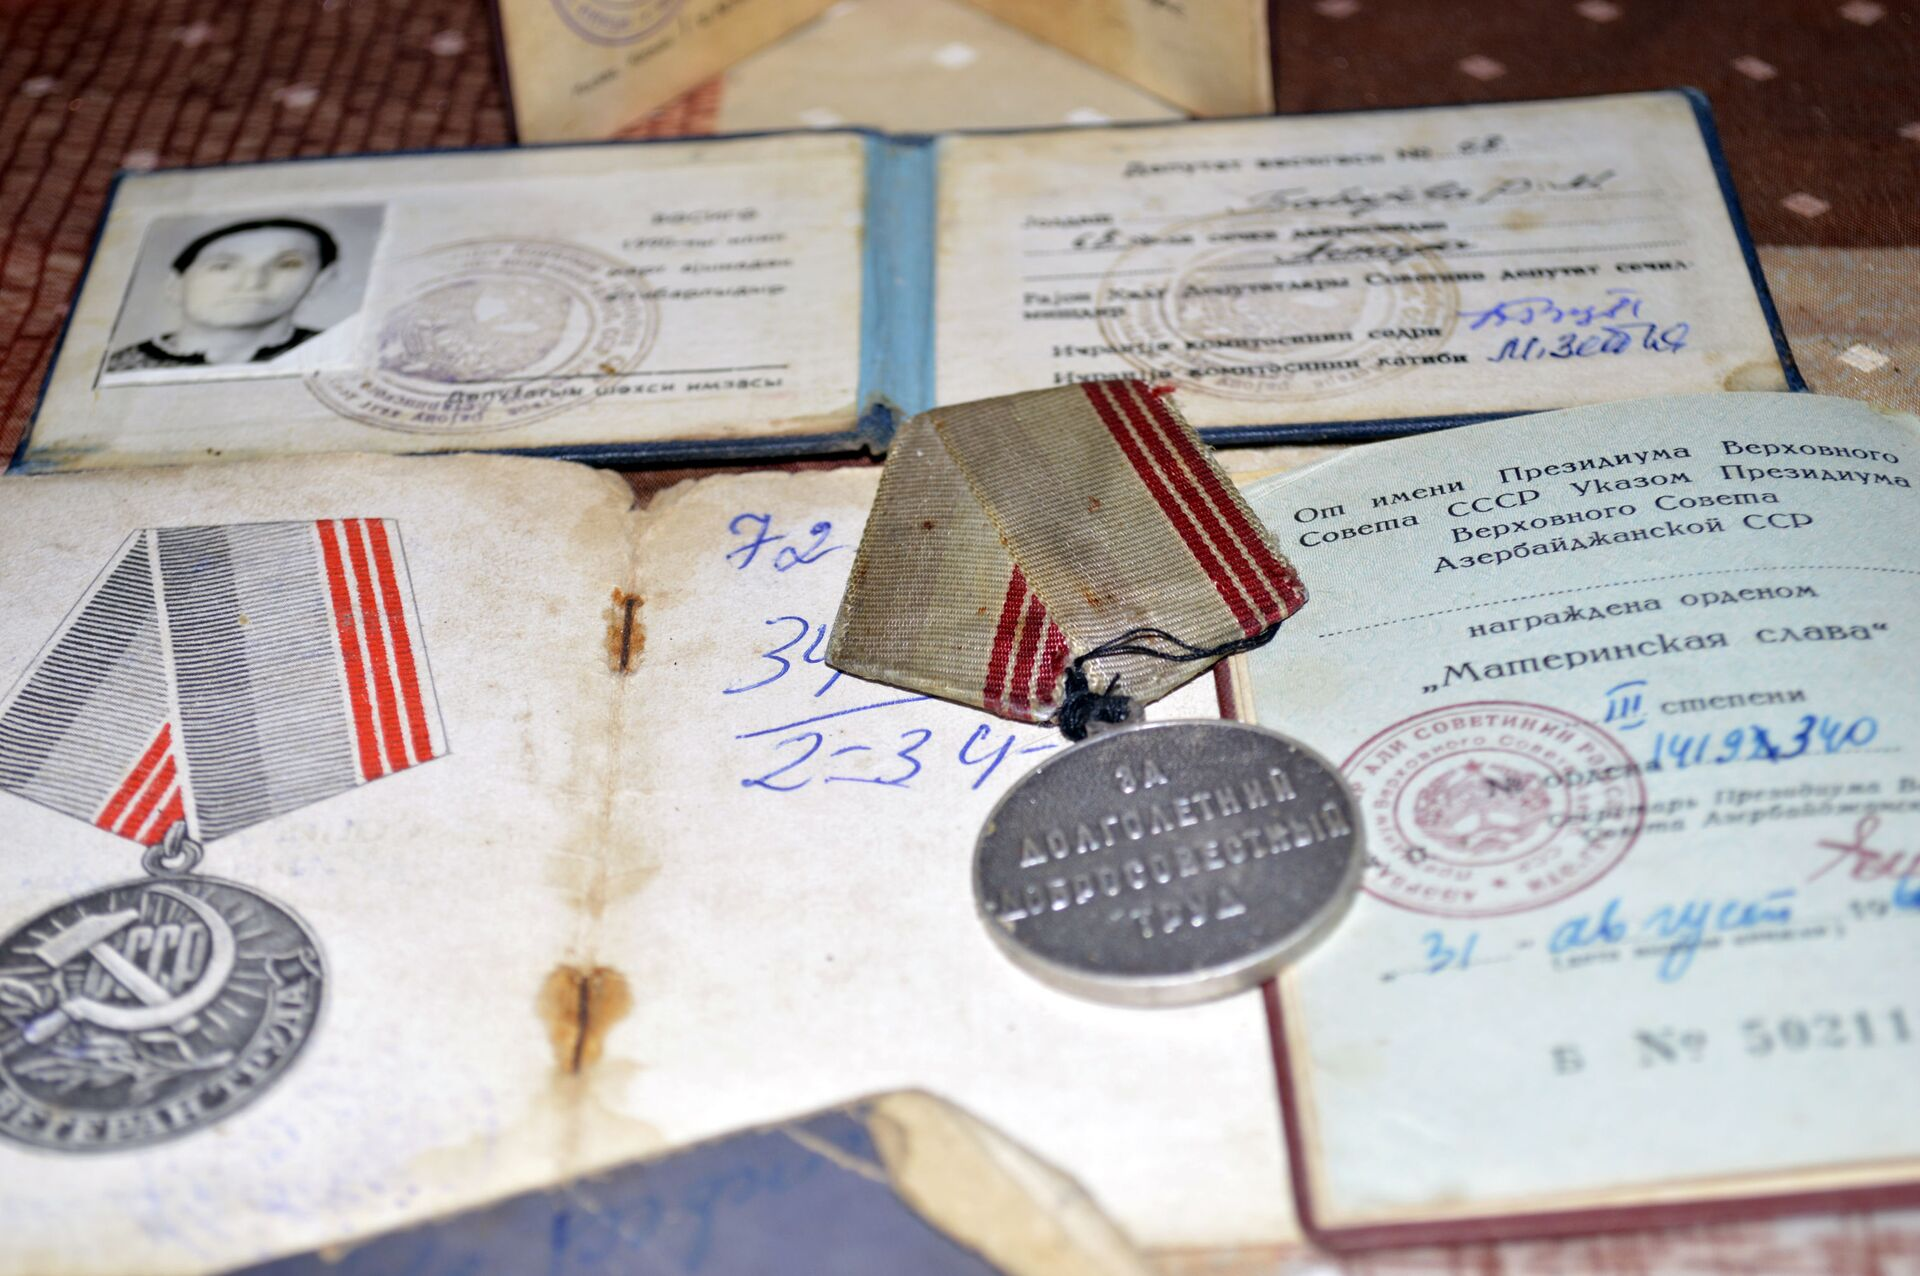 Дважды Мать-героиня из Астары: моей главной работой было воспитание детей - Sputnik Азербайджан, 1920, 08.03.2021